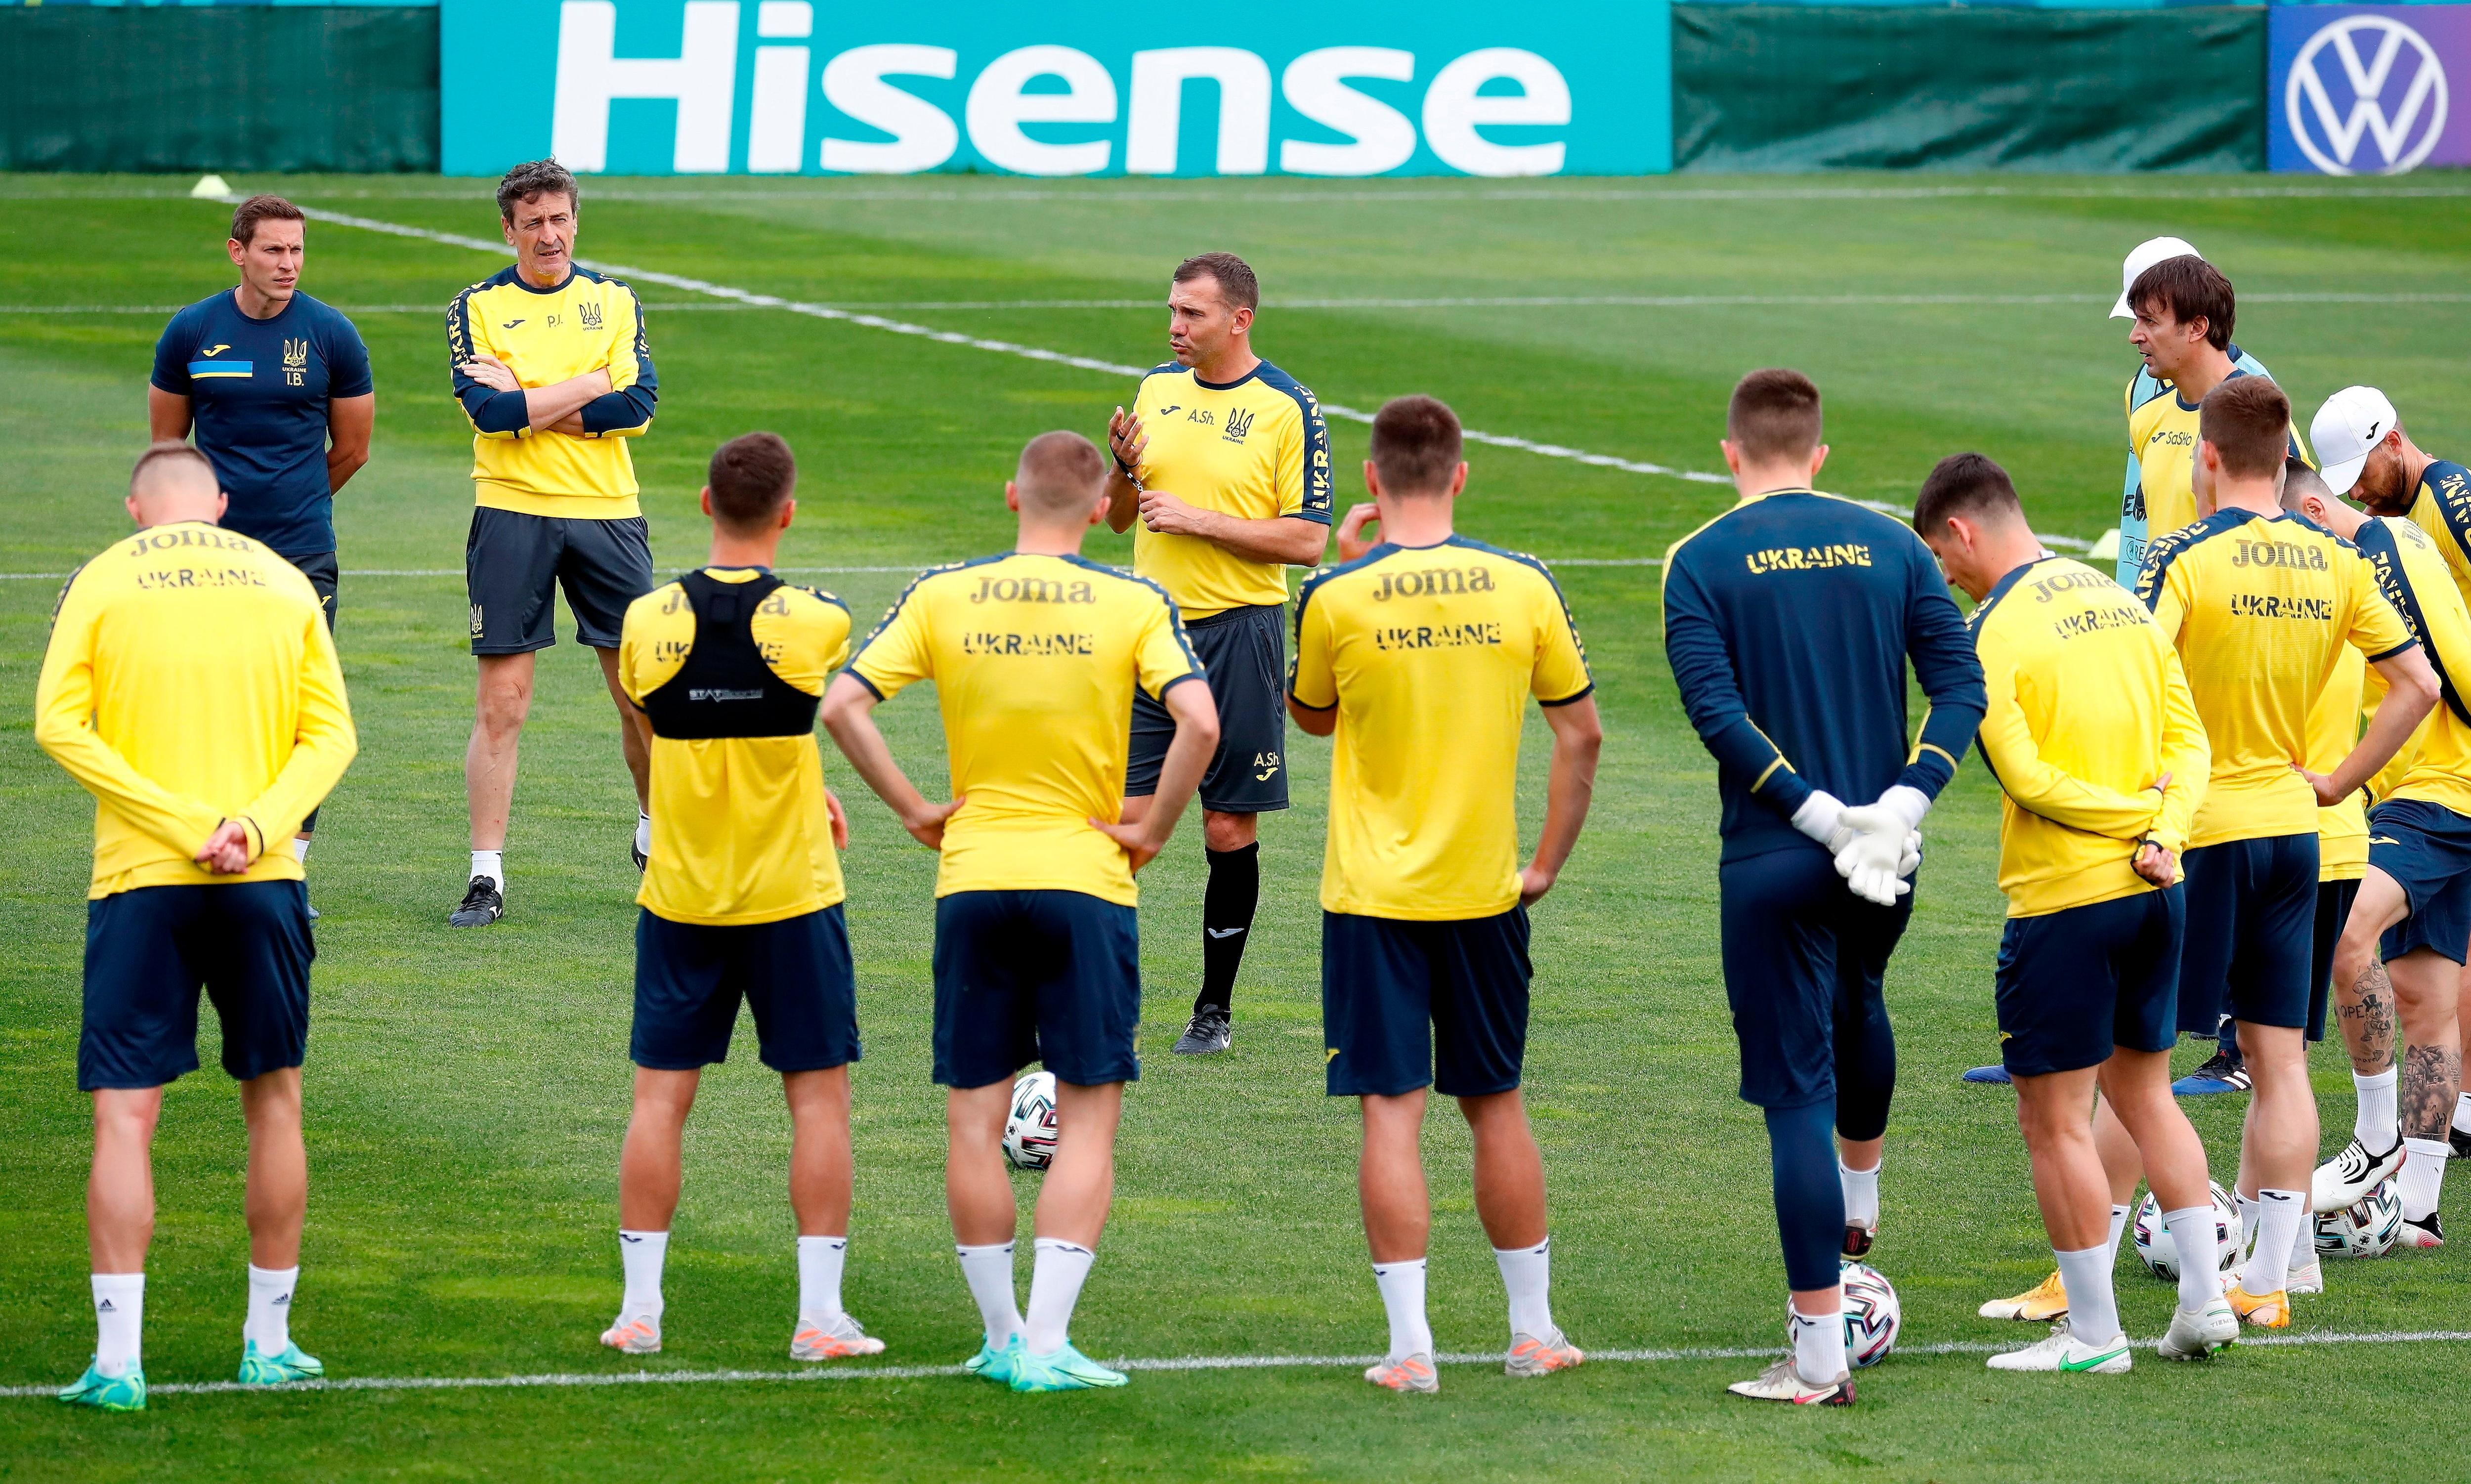 Ucrania se prepara para el debut en la Eurocopa(EFE)